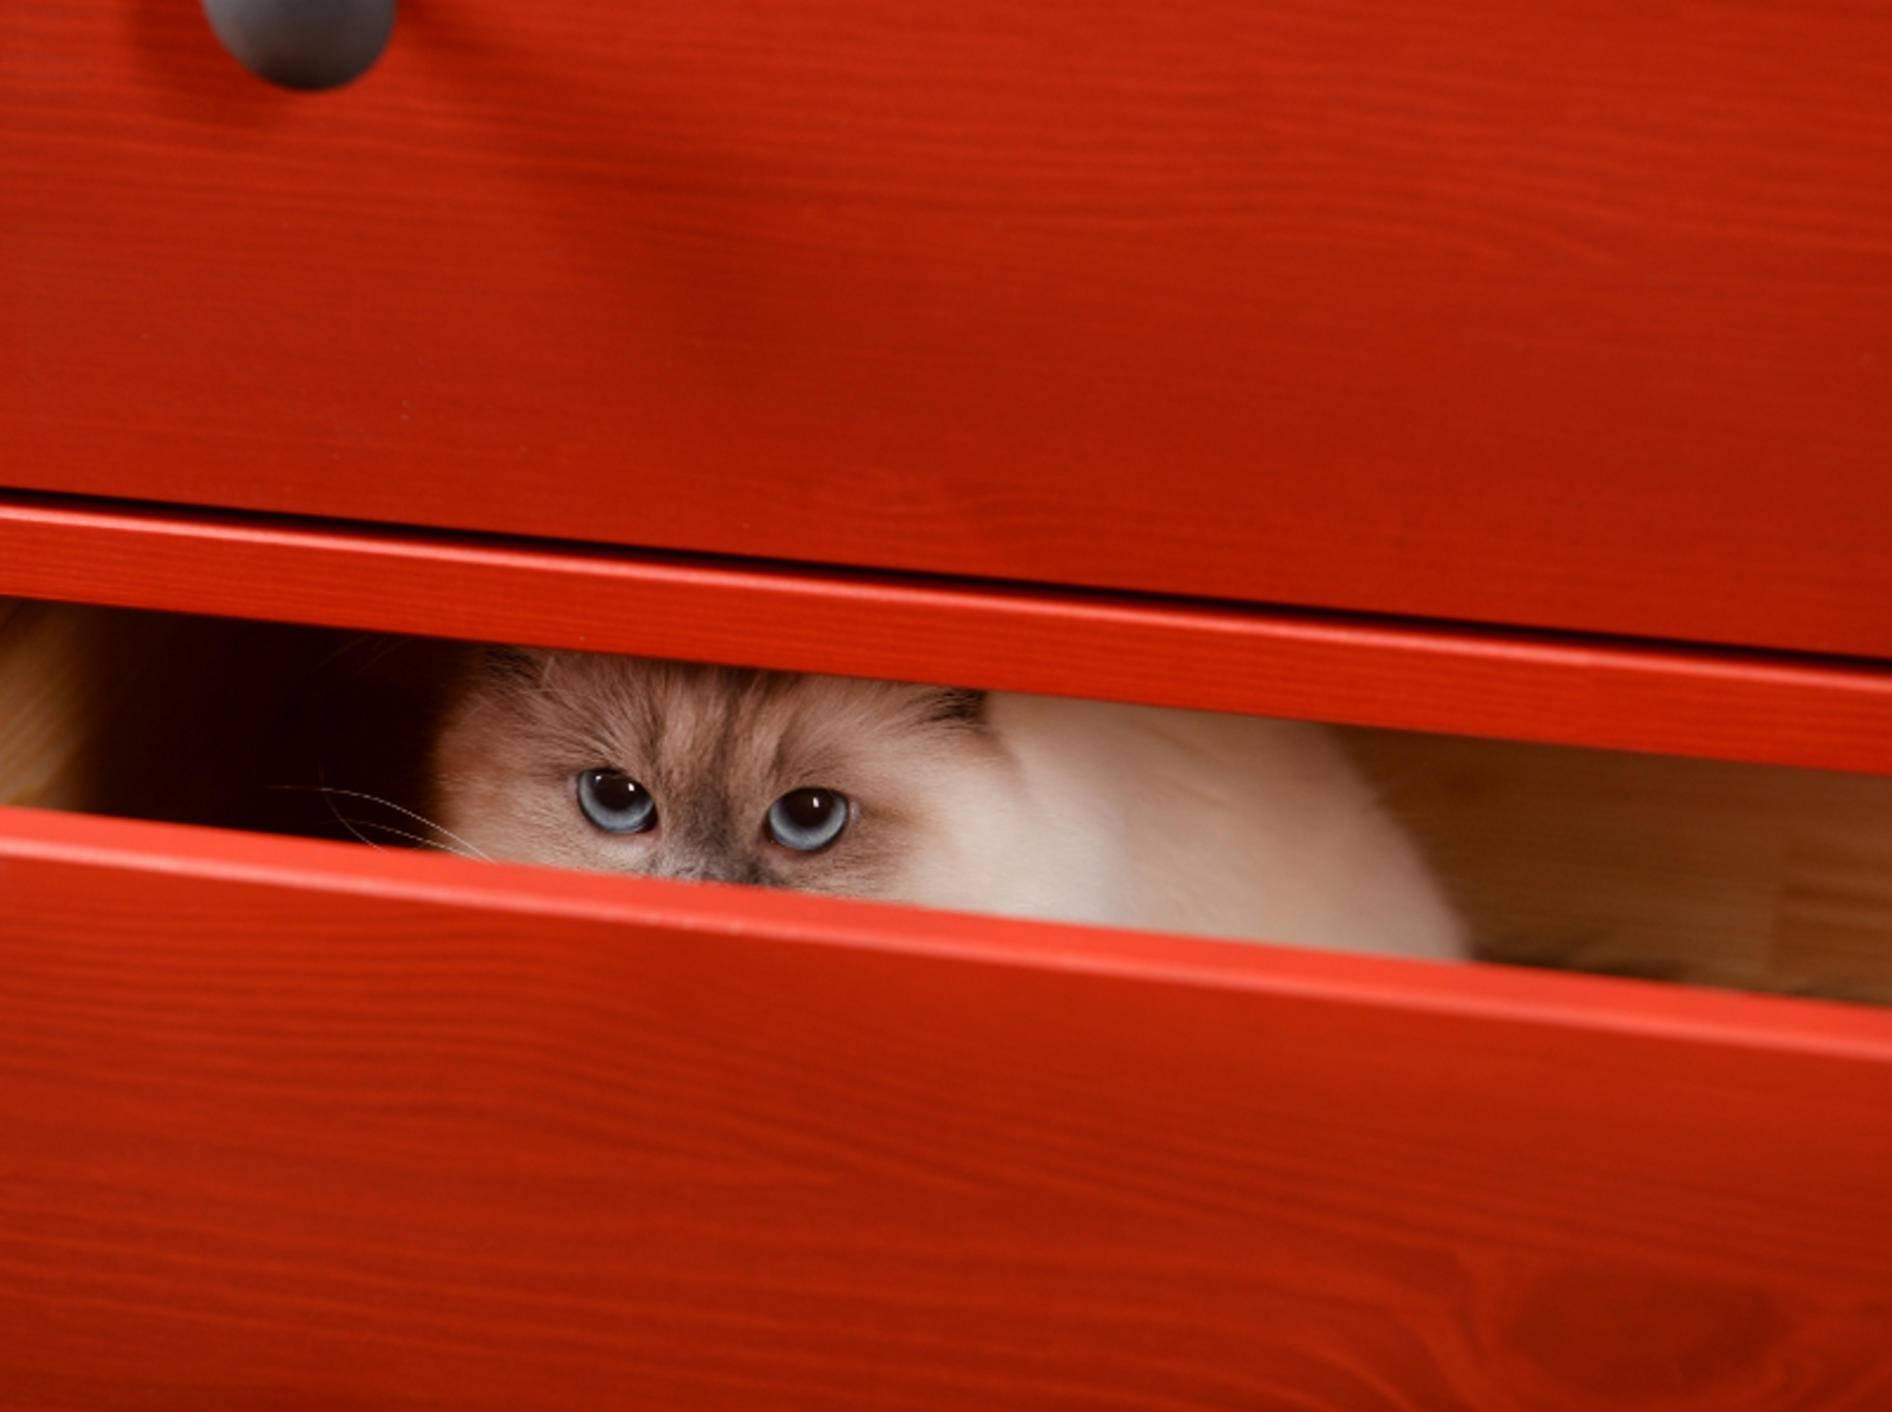 Huch!? Da hockt ja Miezi in der Schublade! Katzen verstecken sich an den verrücktesten Orten – Shutterstock / Africa Studio